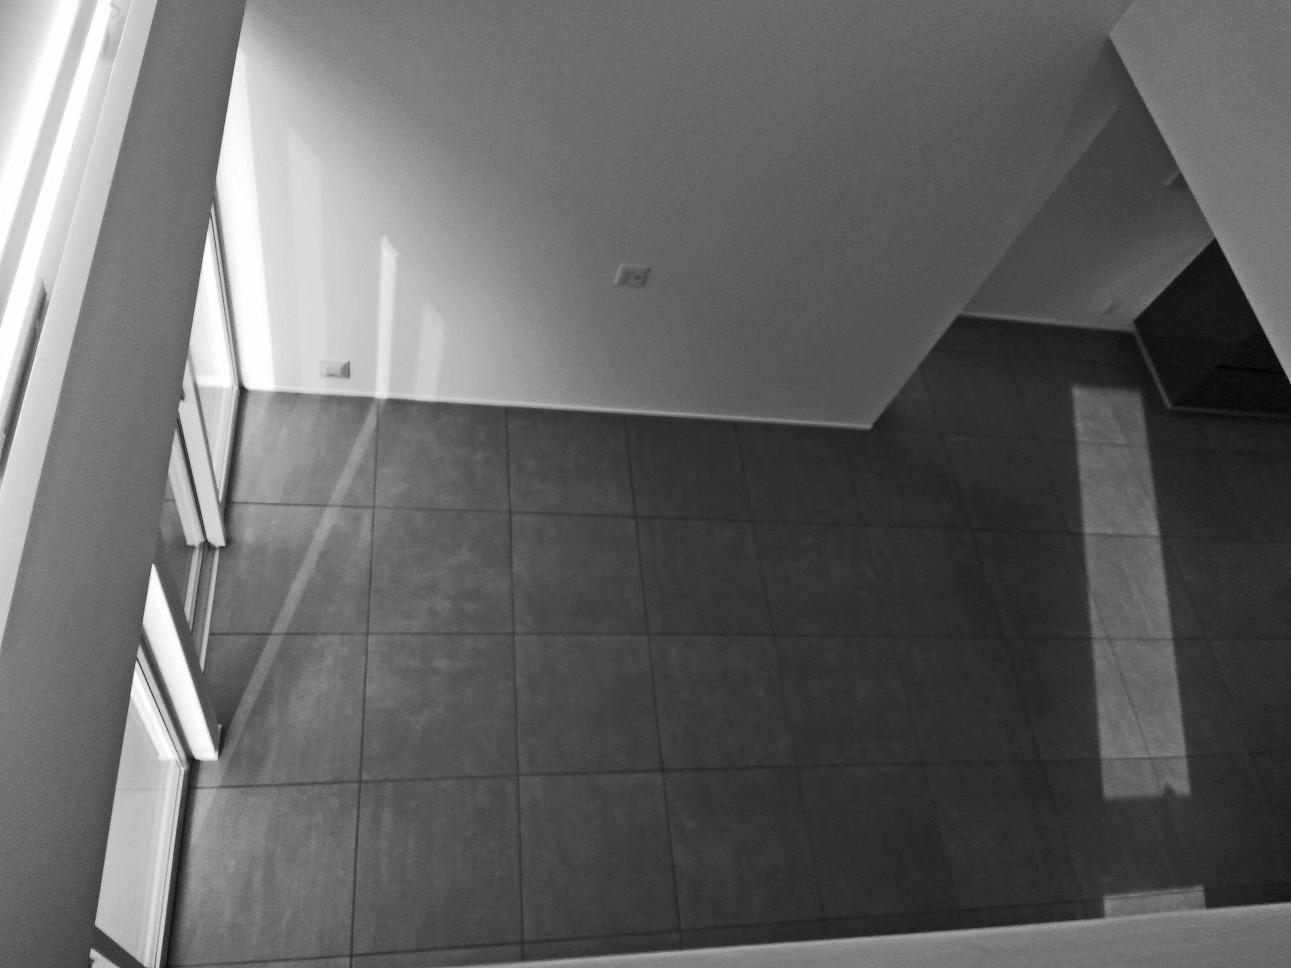 高低差のある敷地に建つ家/世田谷M邸_02